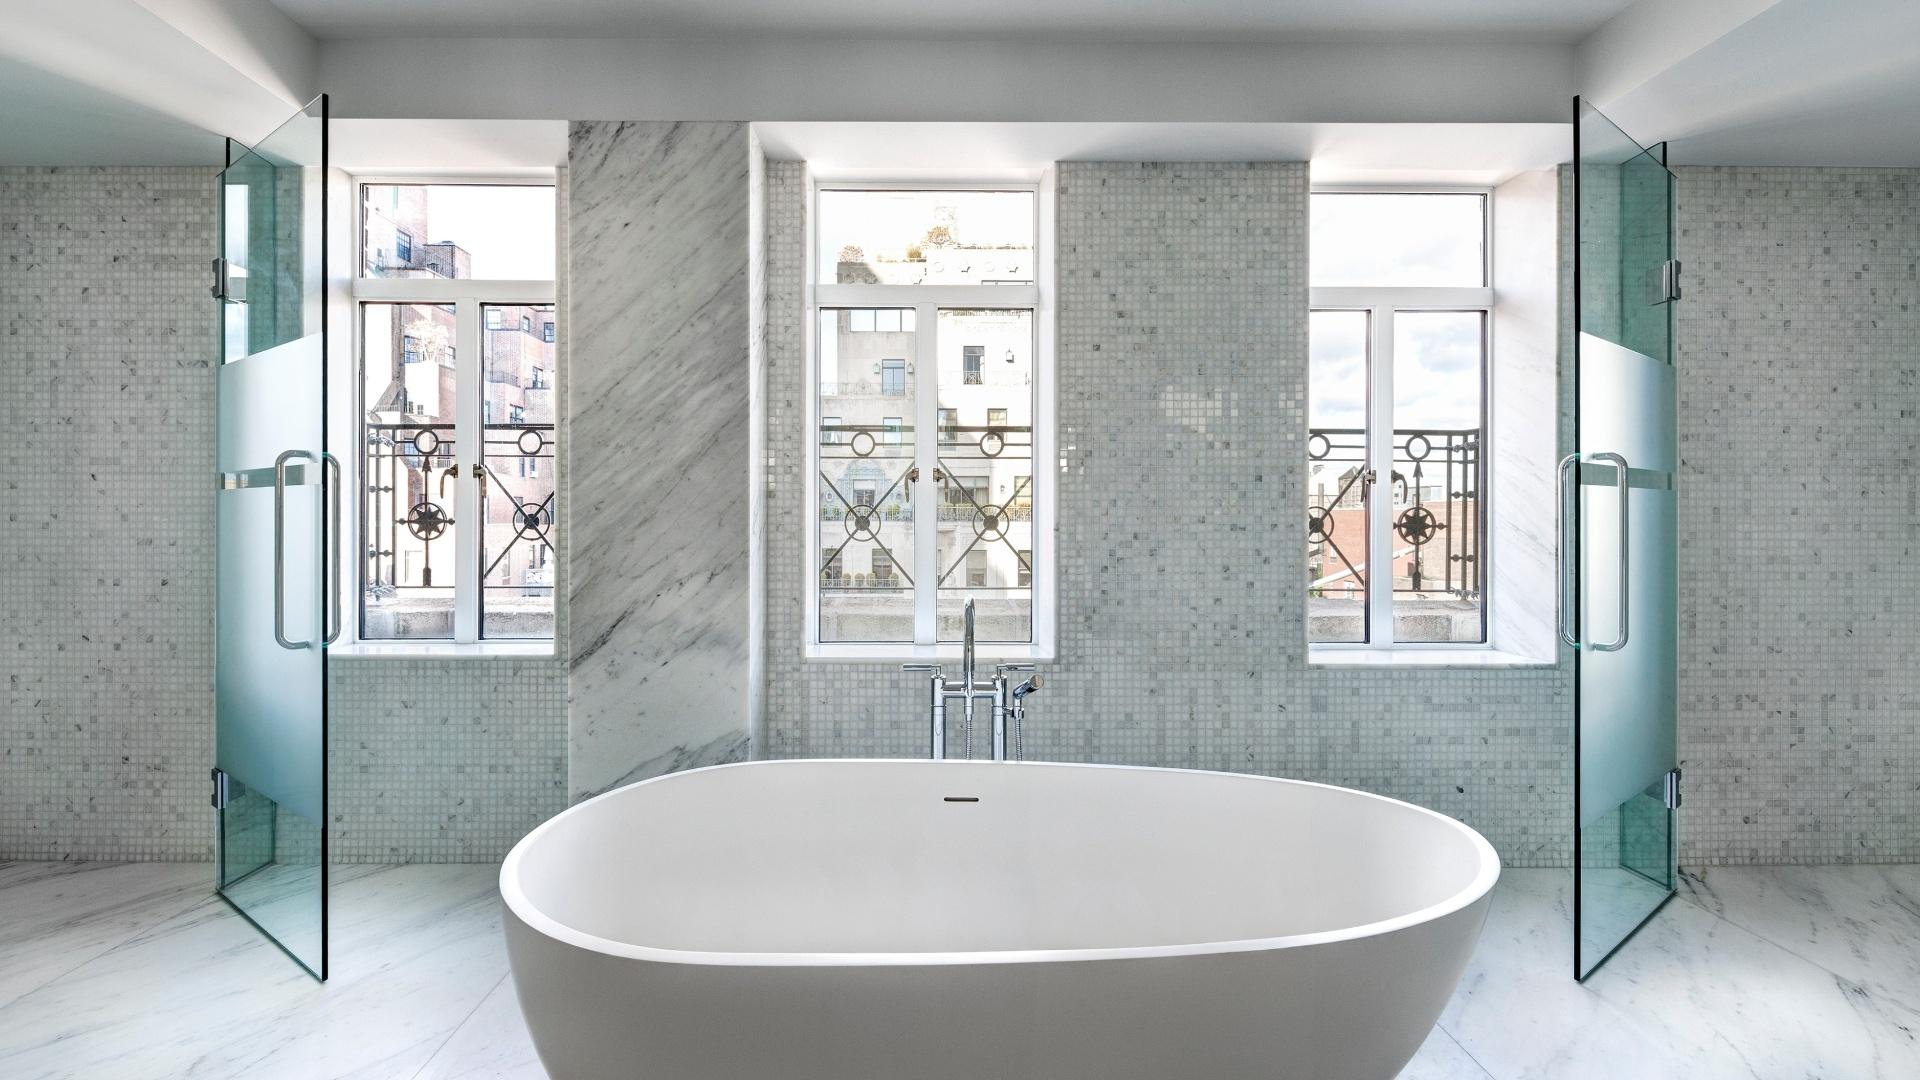 banheiros das unidades tem revestimento em mármore e janelas grandes #4A6C6B 1920 1080